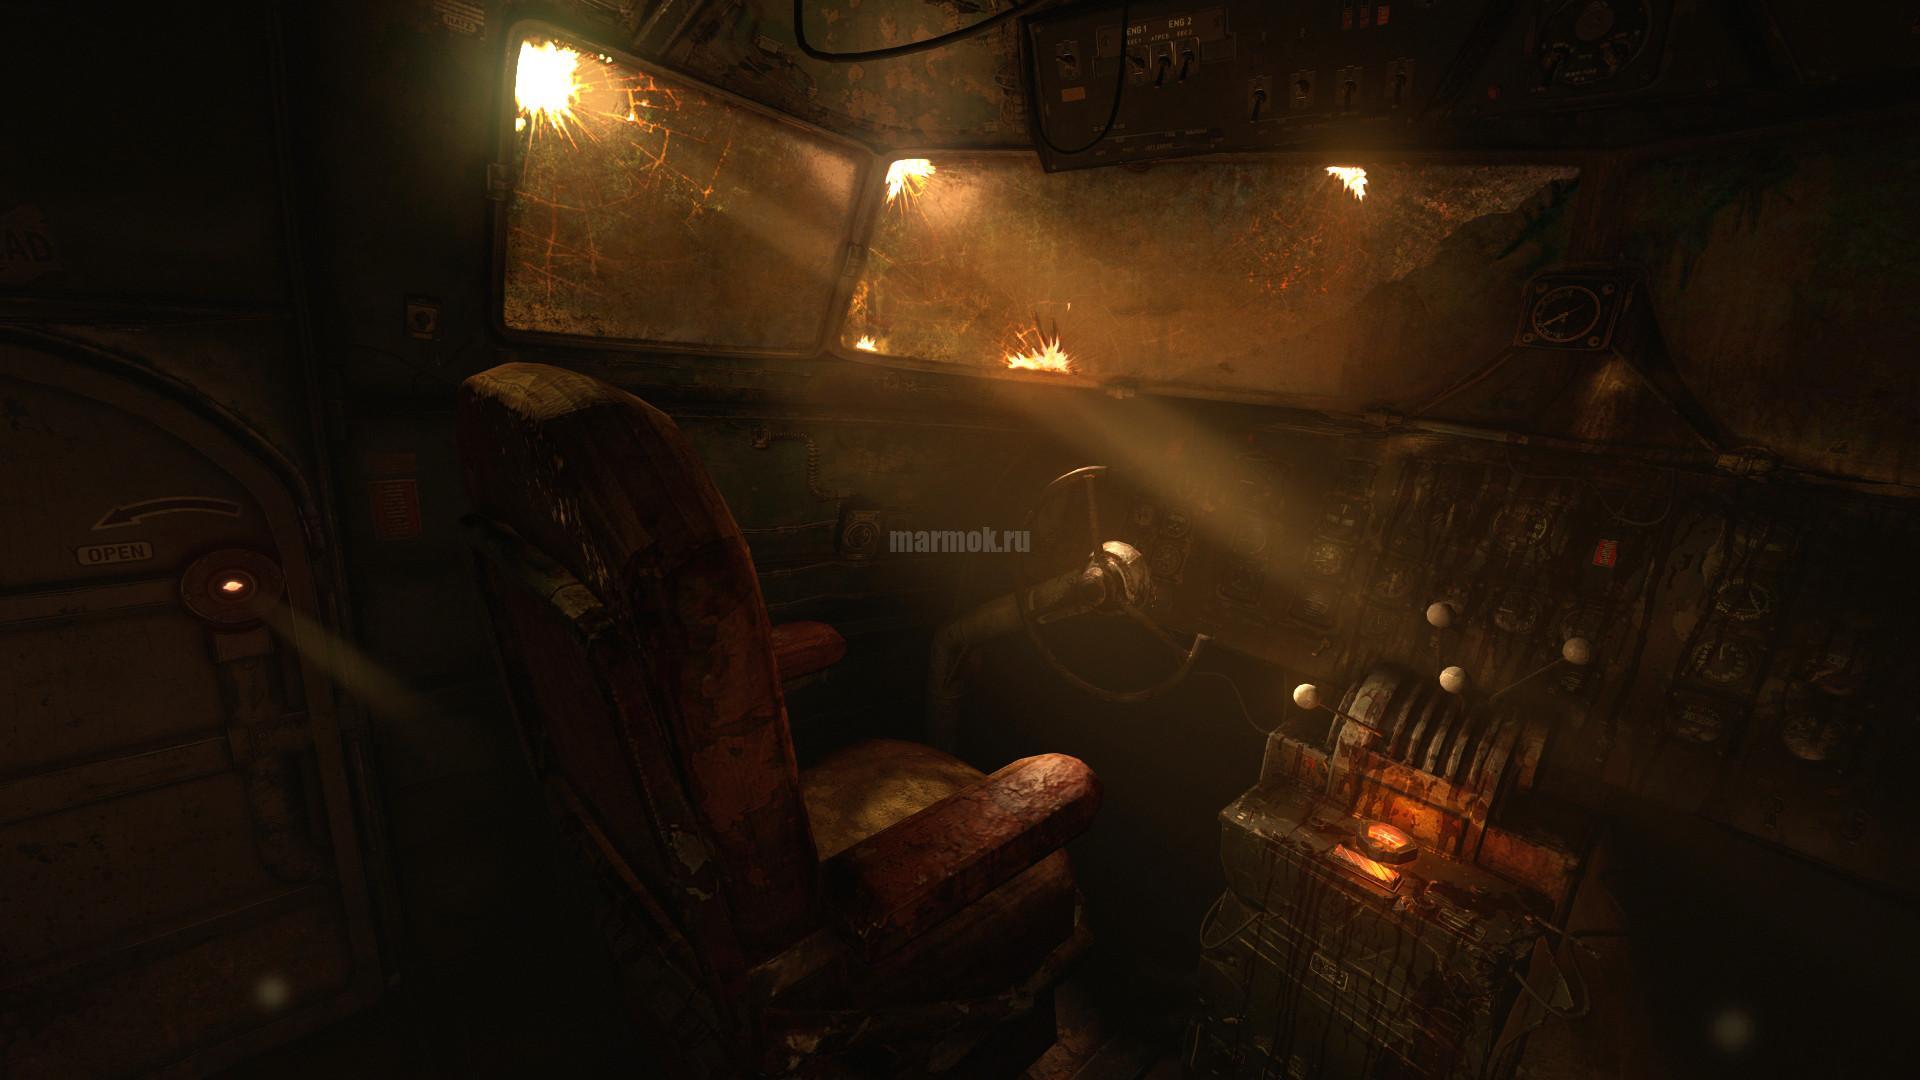 Скриншот из игры Amnesia: Rebirth